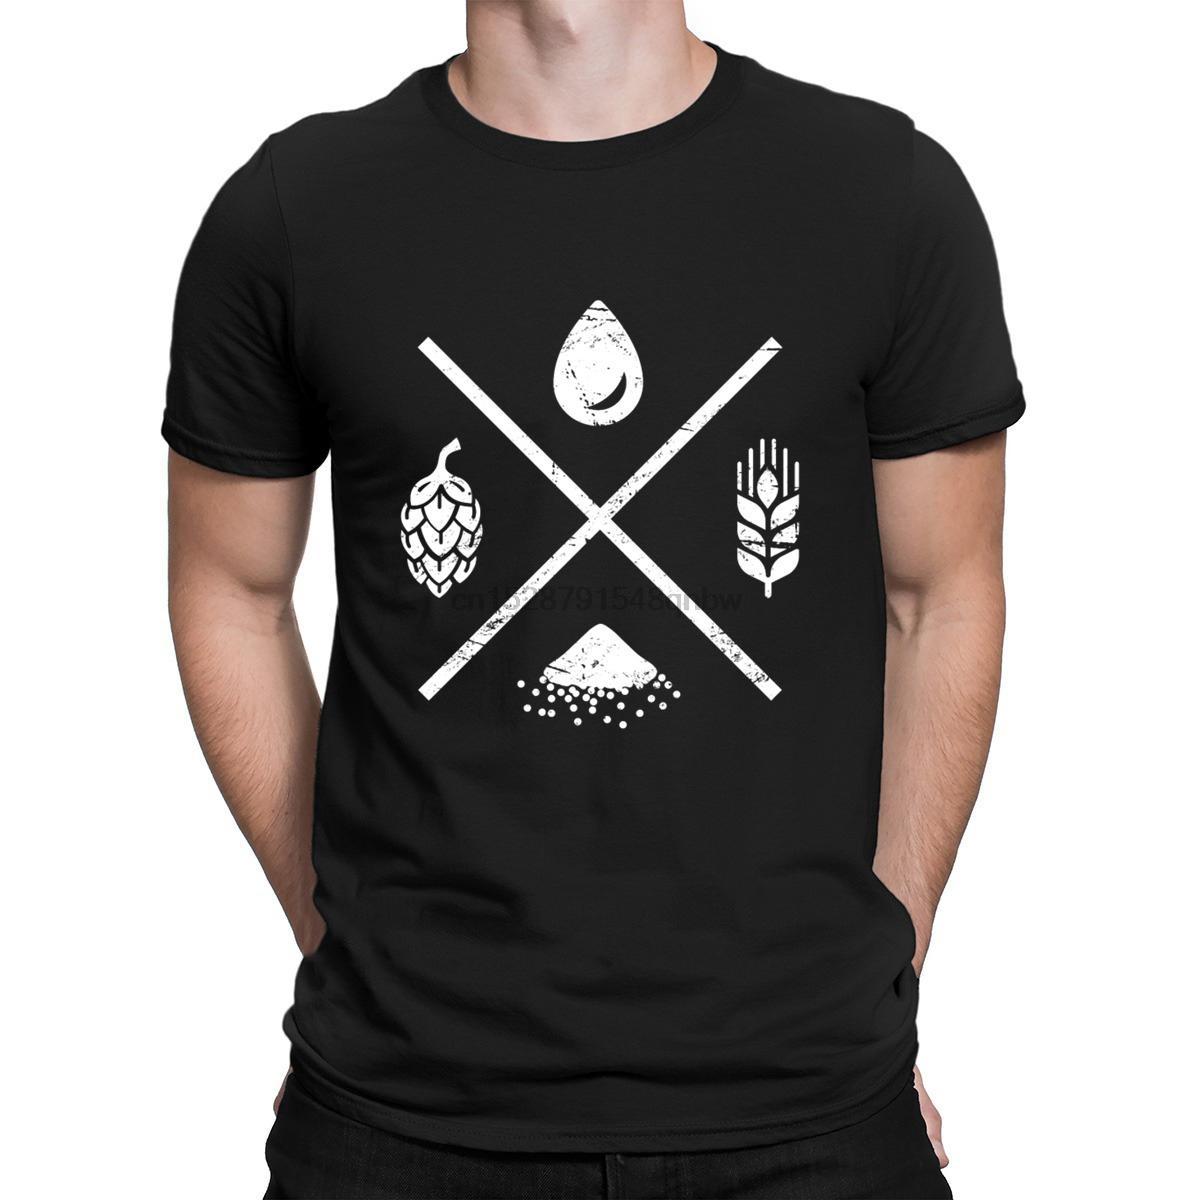 Retro afligido Homebrew Beer Ingredients T Shirt Cotton personalizado Famoso engraçado camisetas Moda Verão 2019 Roupa Padrão